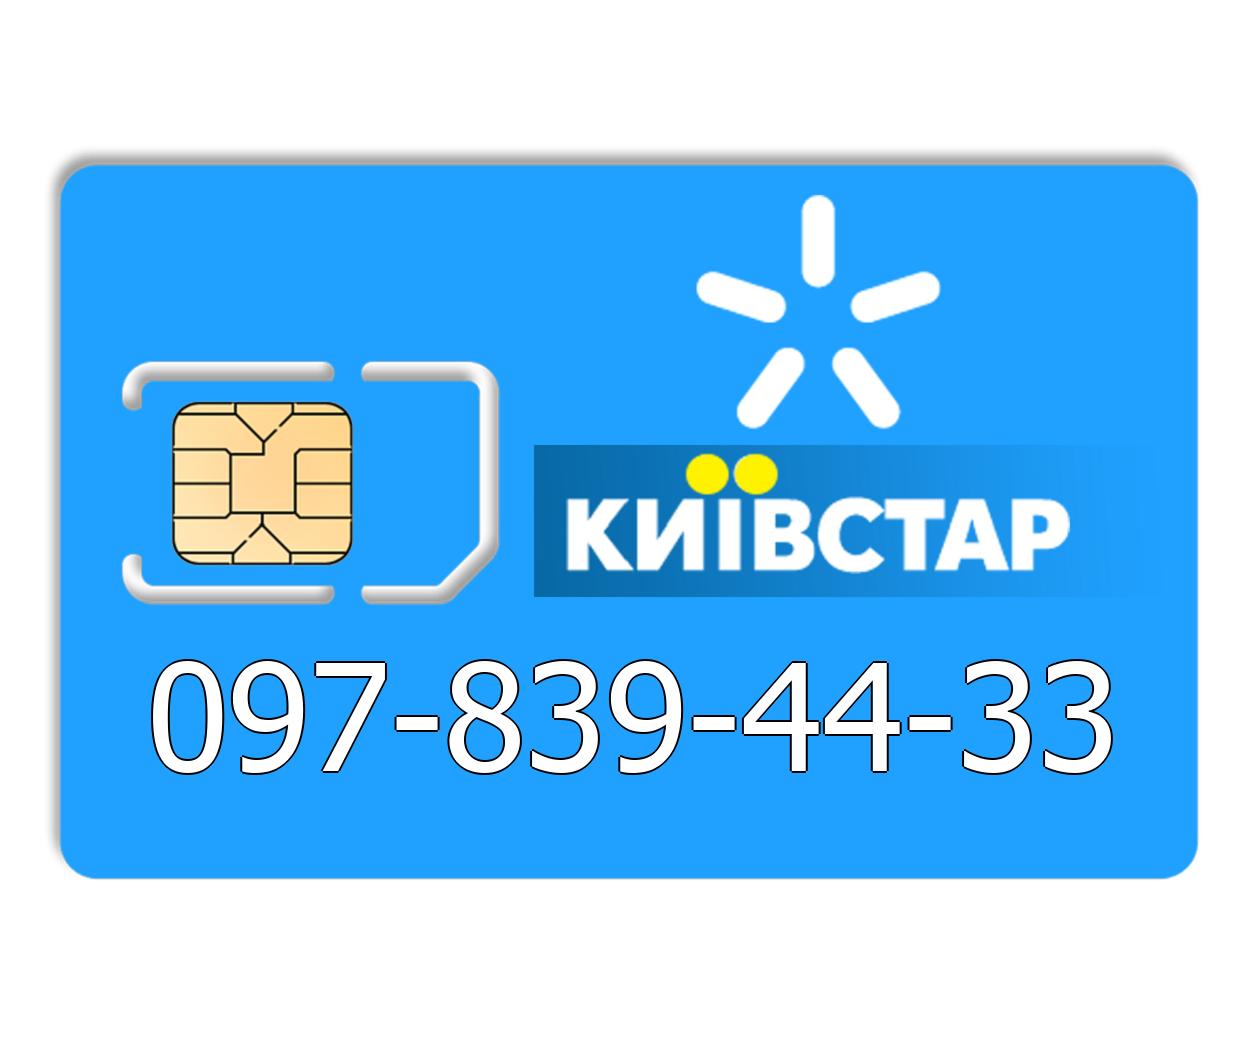 Красивый номер Киевстар 097-839-44-33